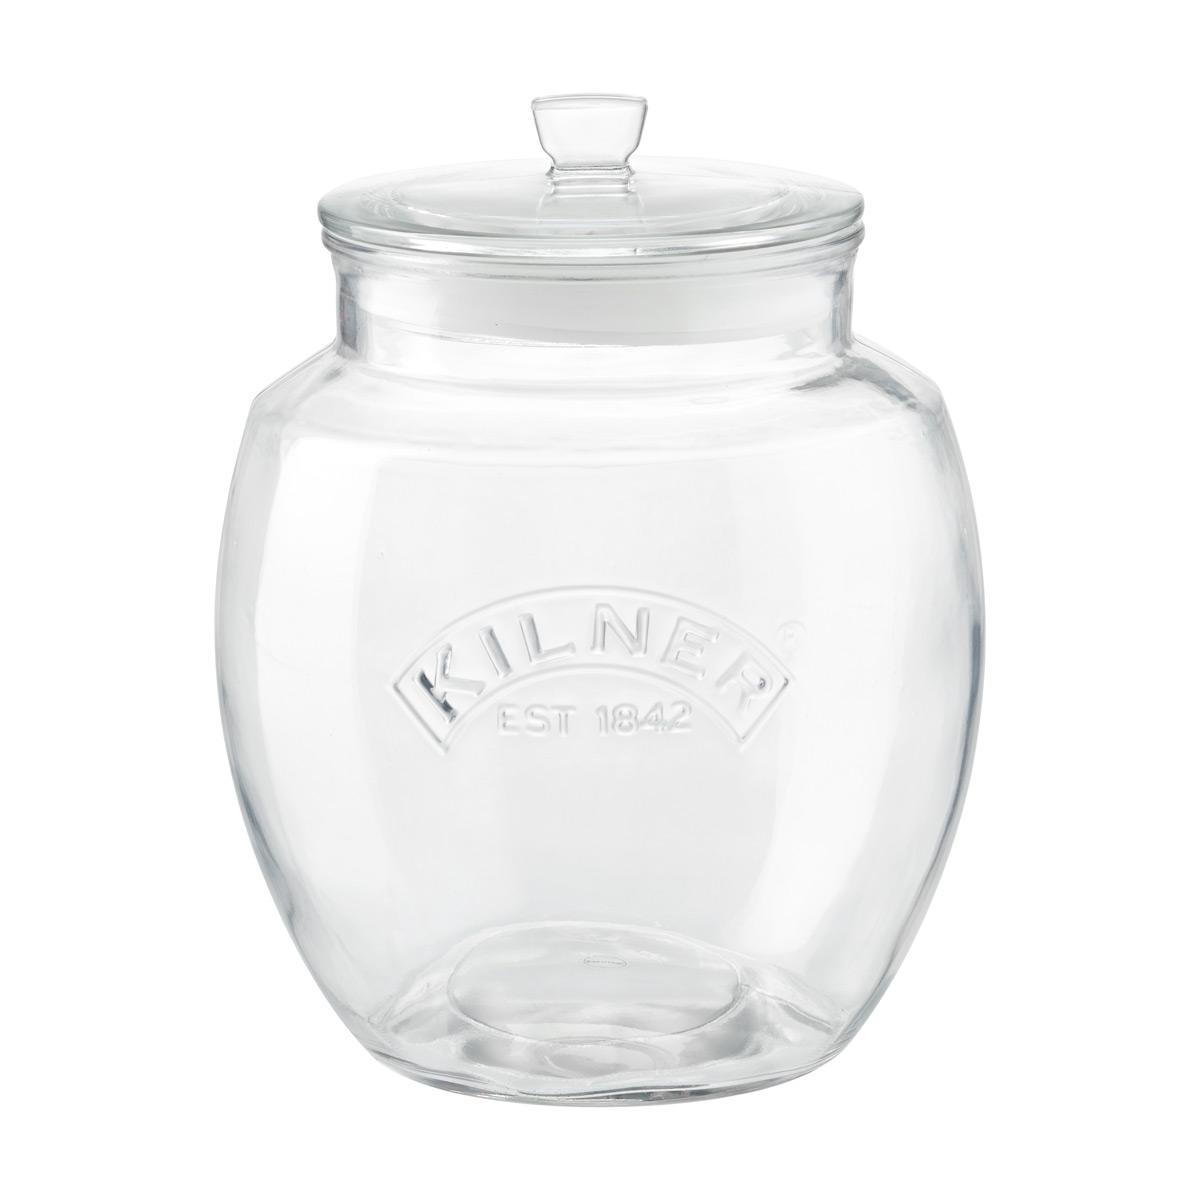 kilner universal glass storage jars